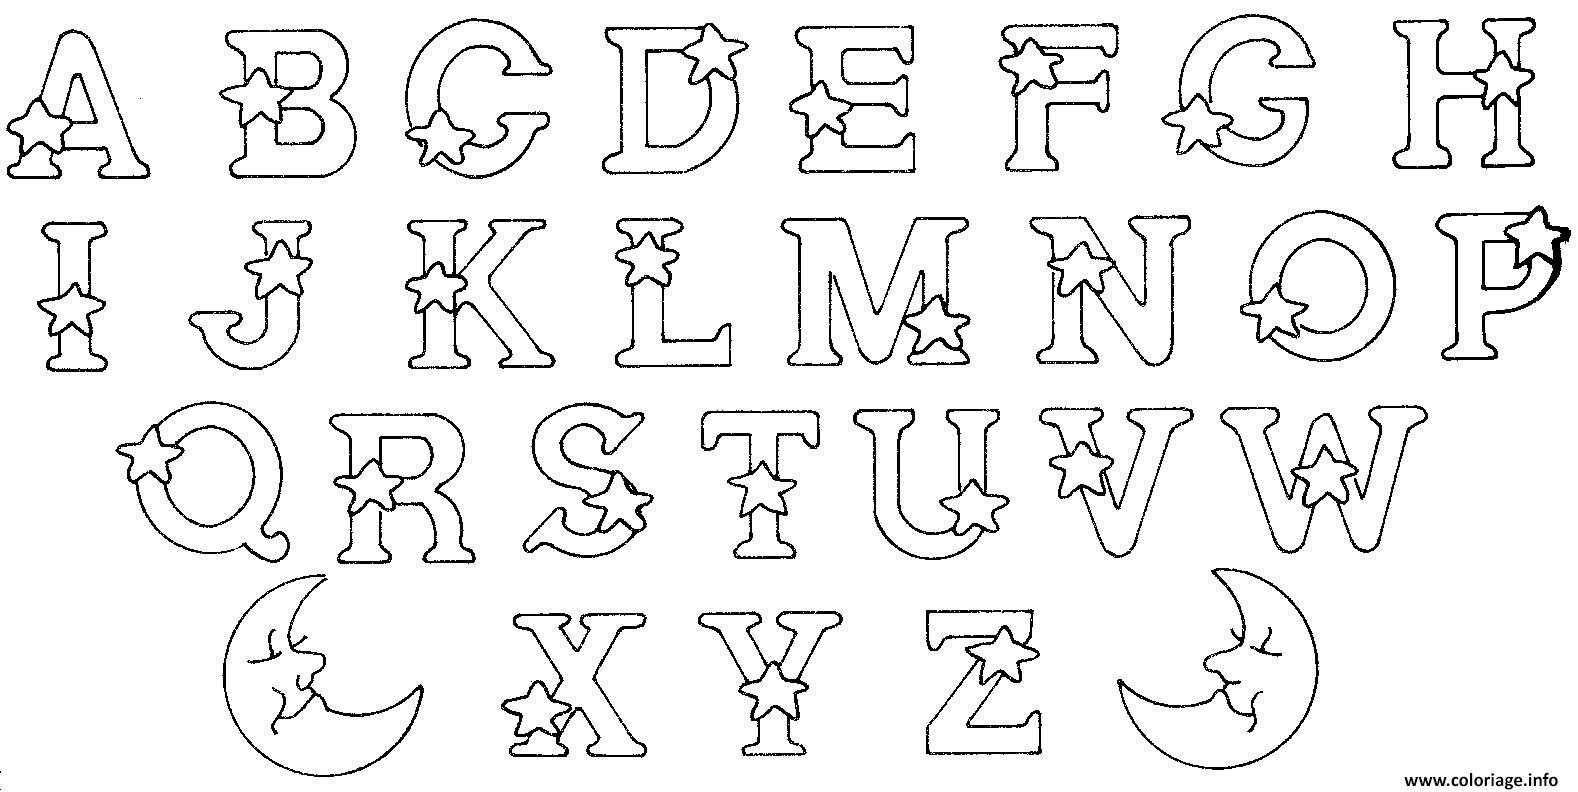 Coloriage Abecedaire Alphabet Et Lettres Etoiles Jecolorie Com